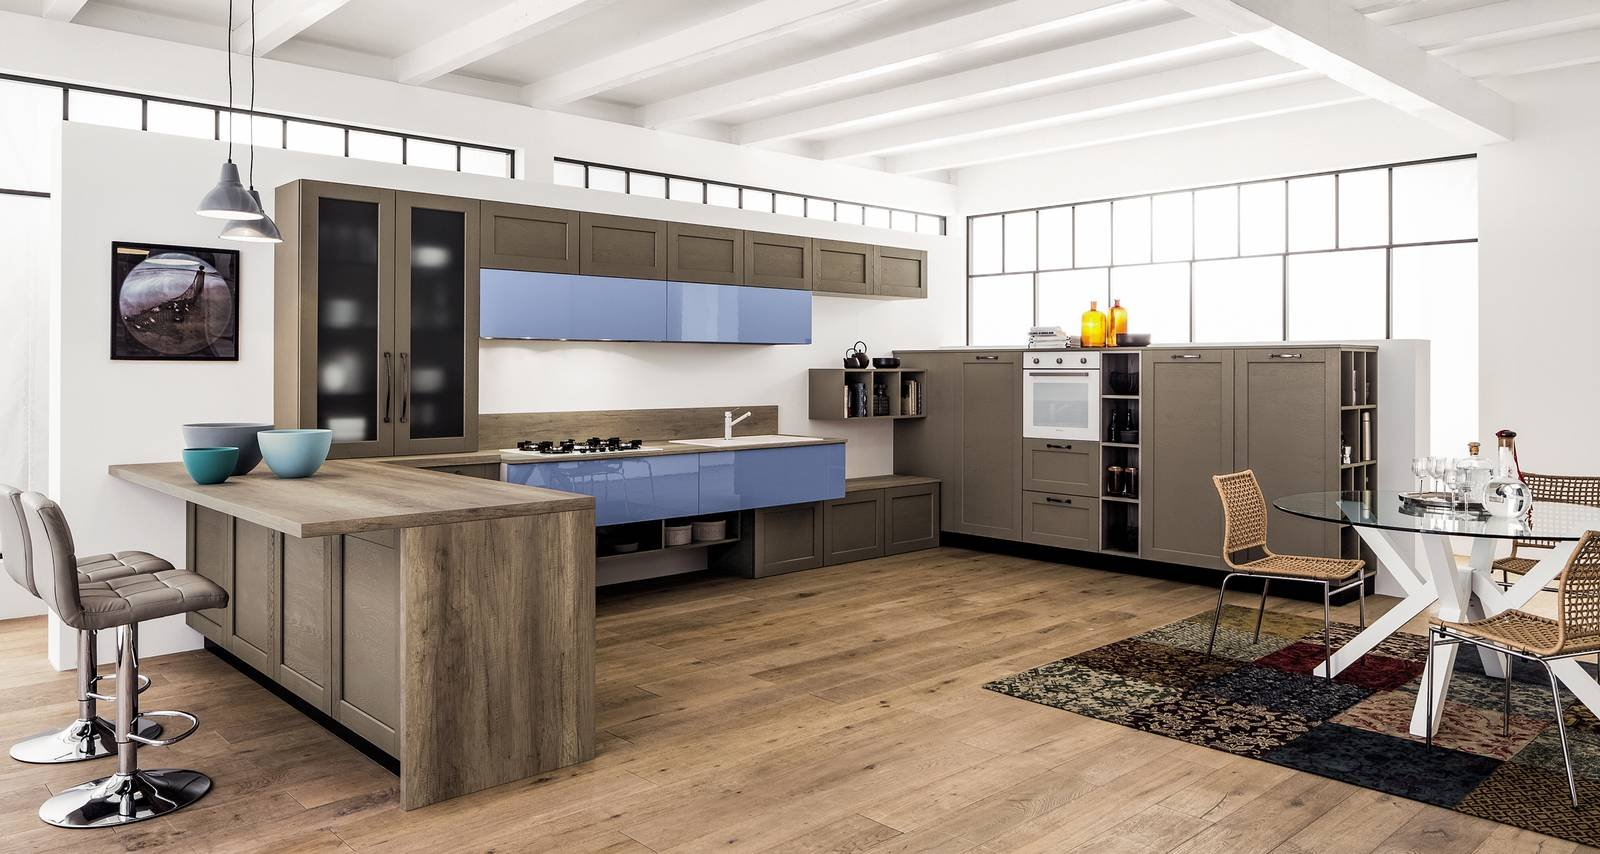 Cucine per ambienti piccoli idee per arredare un - Cucine per ambienti piccoli ...